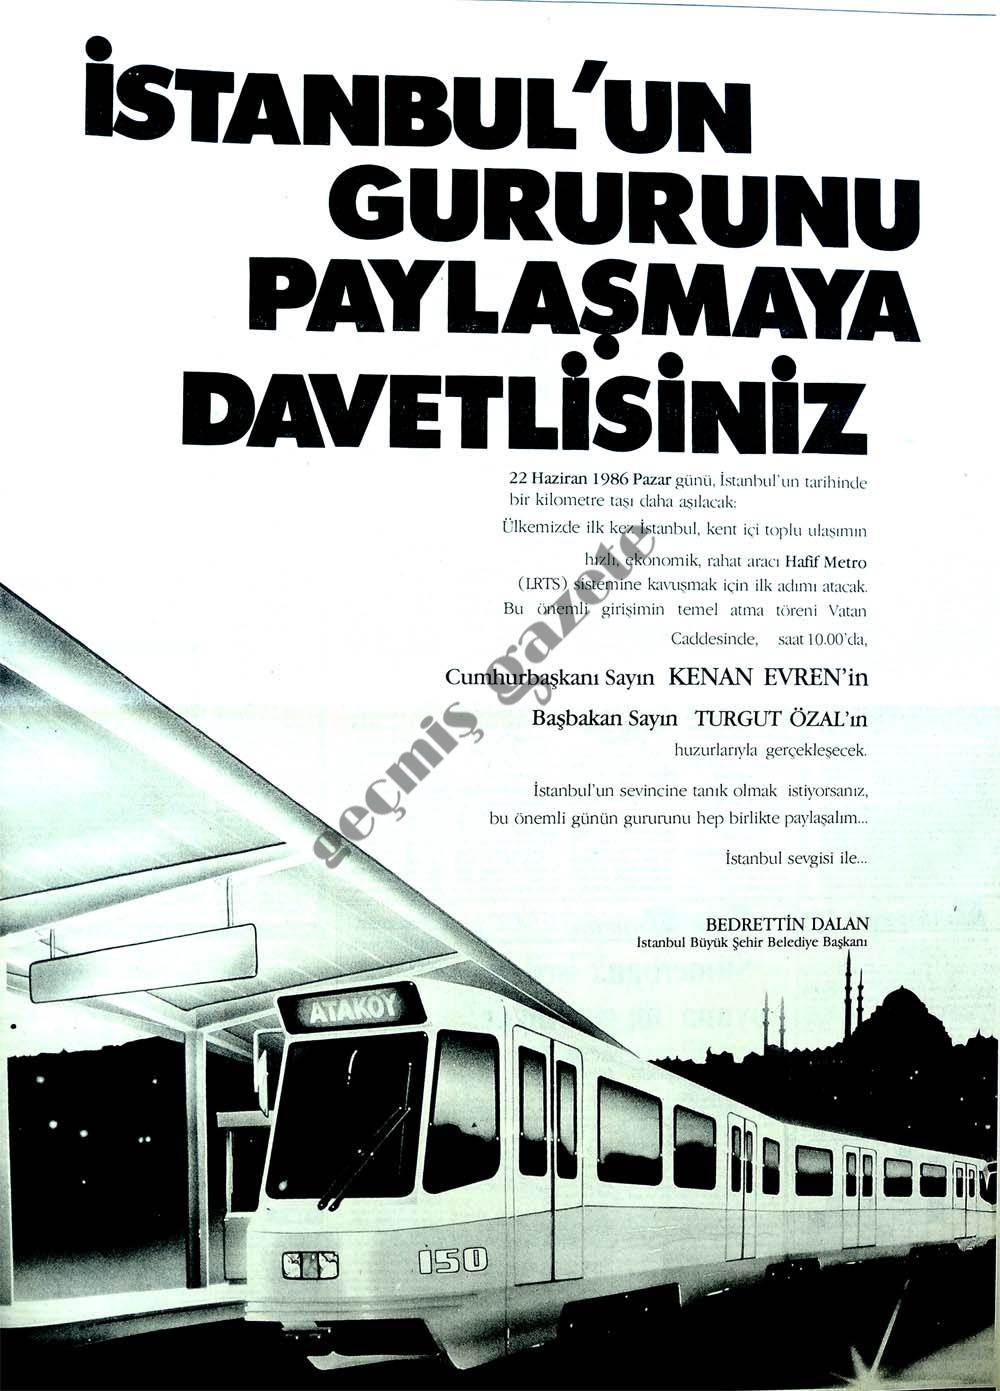 İstanbul'un gururunu paylaşmaya davetlisiniz